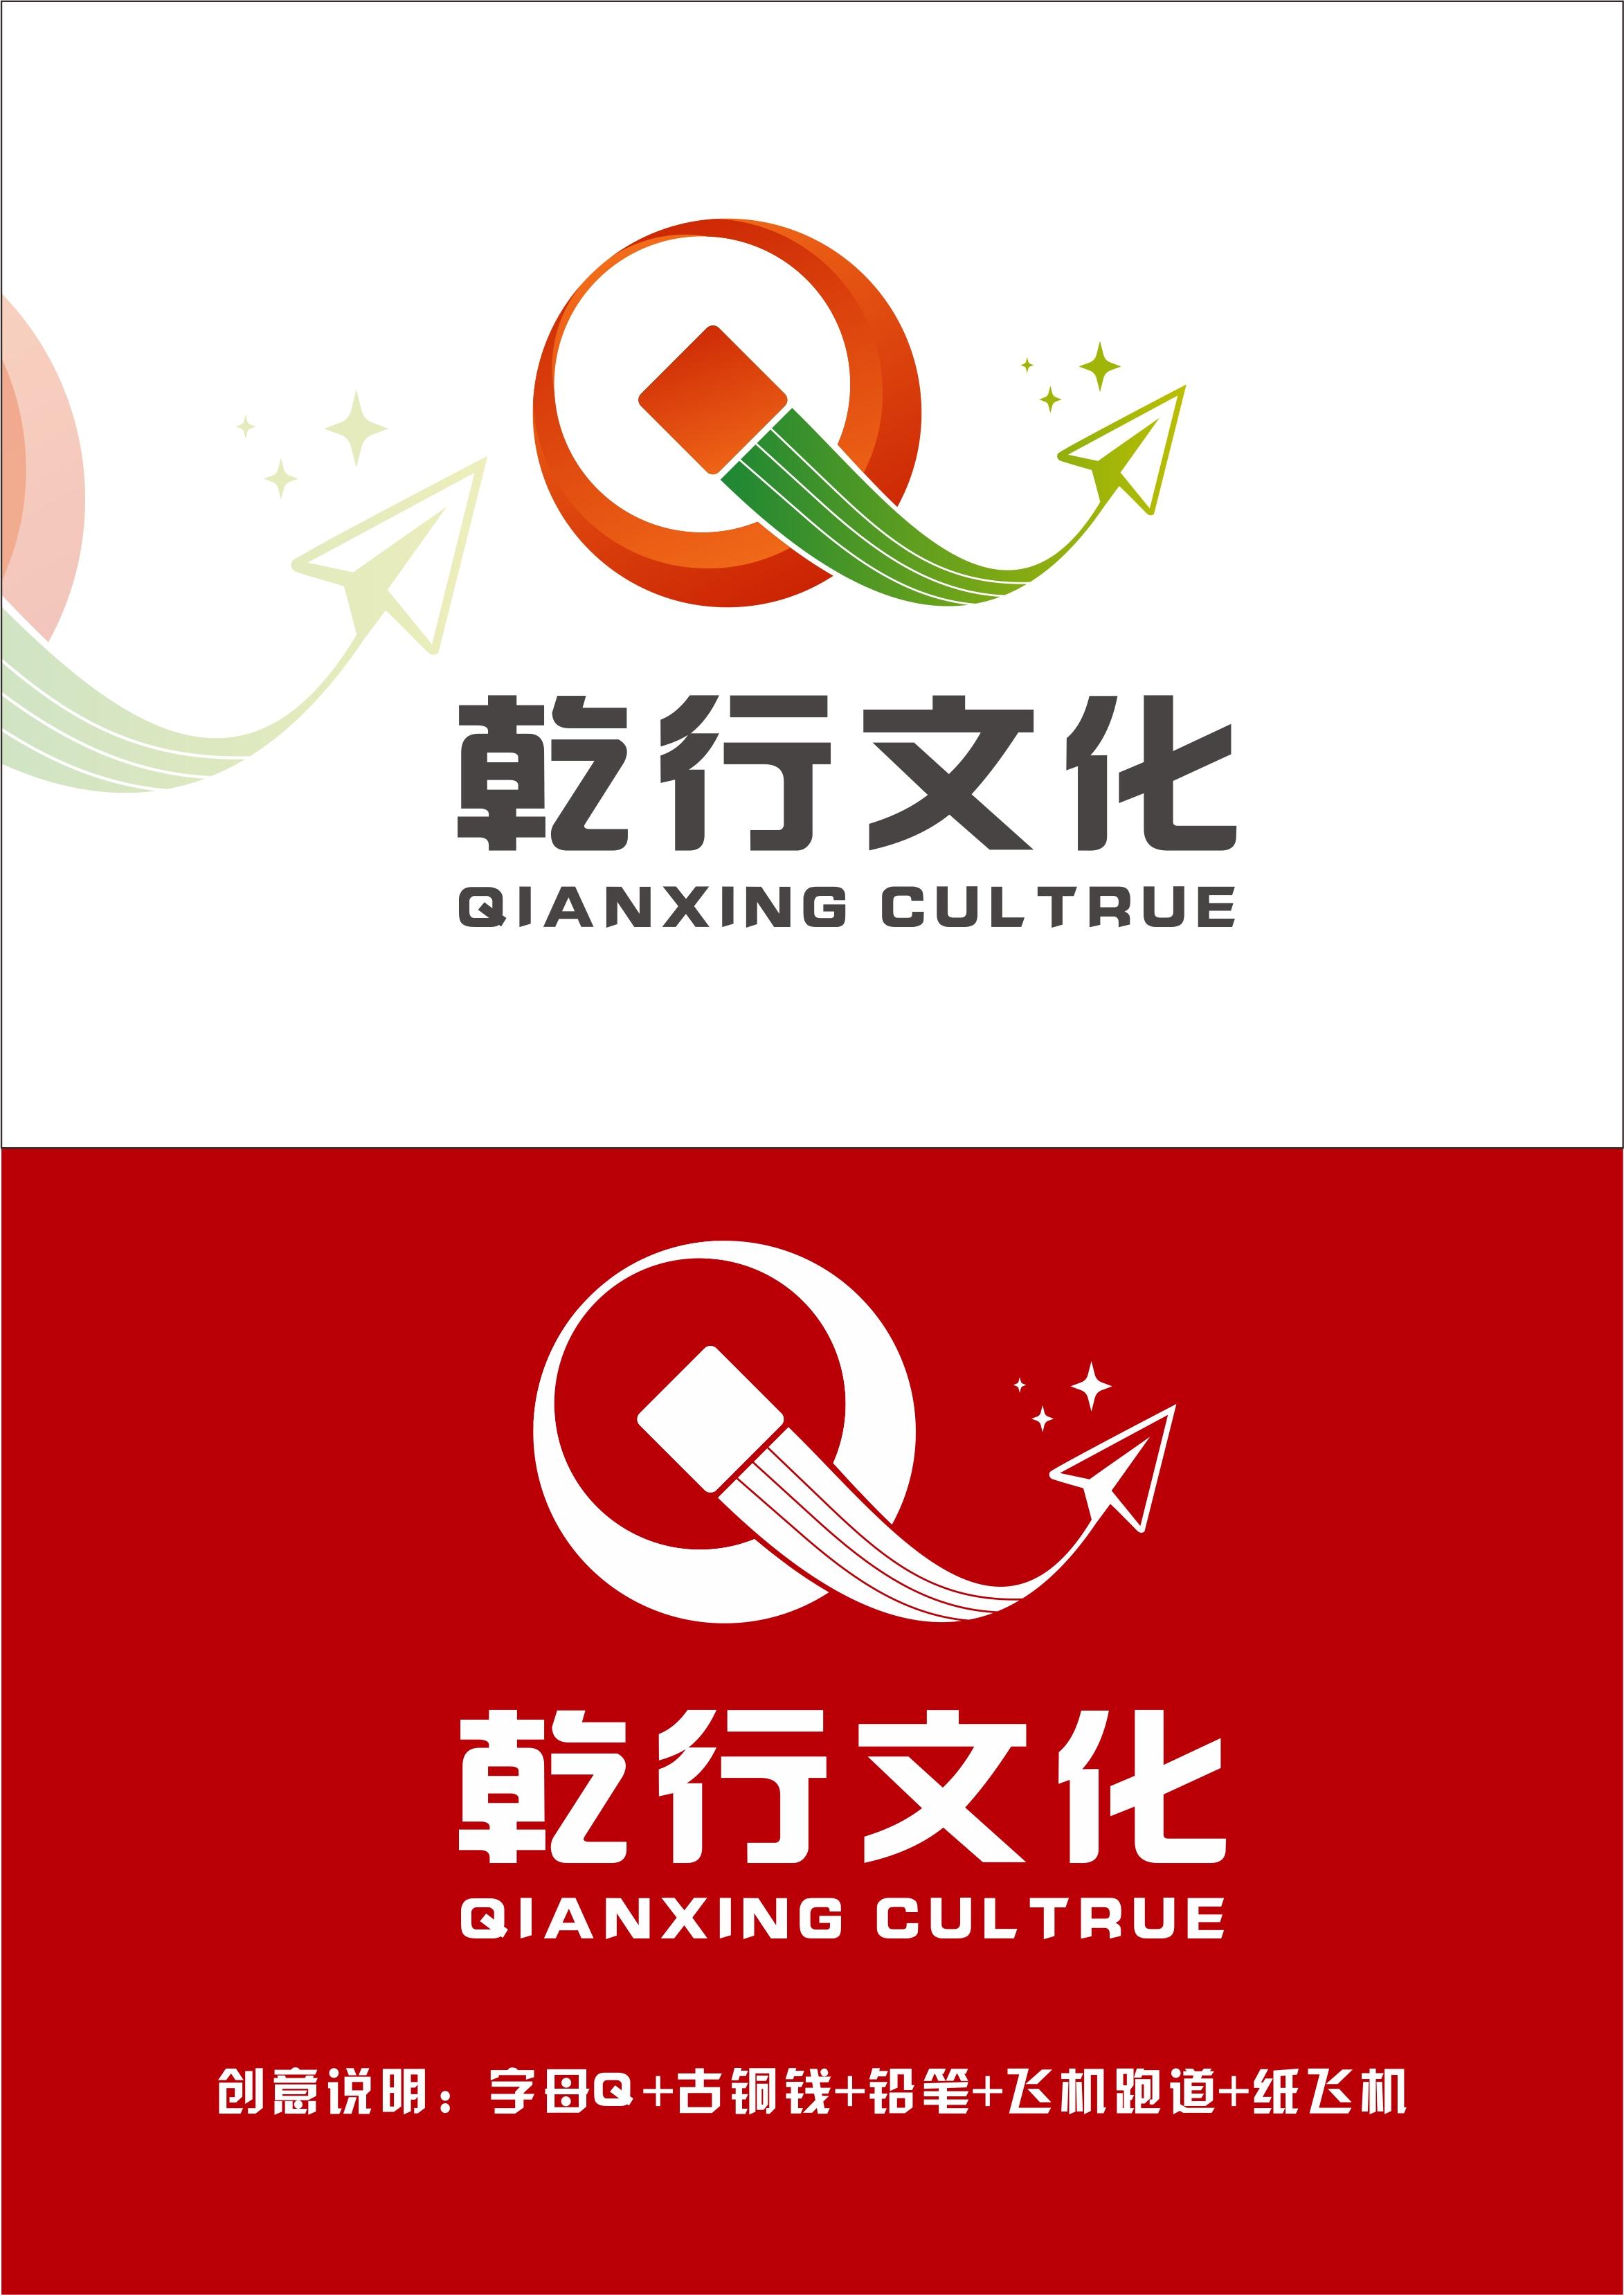 乾行文化/乾行文化传播logo设计